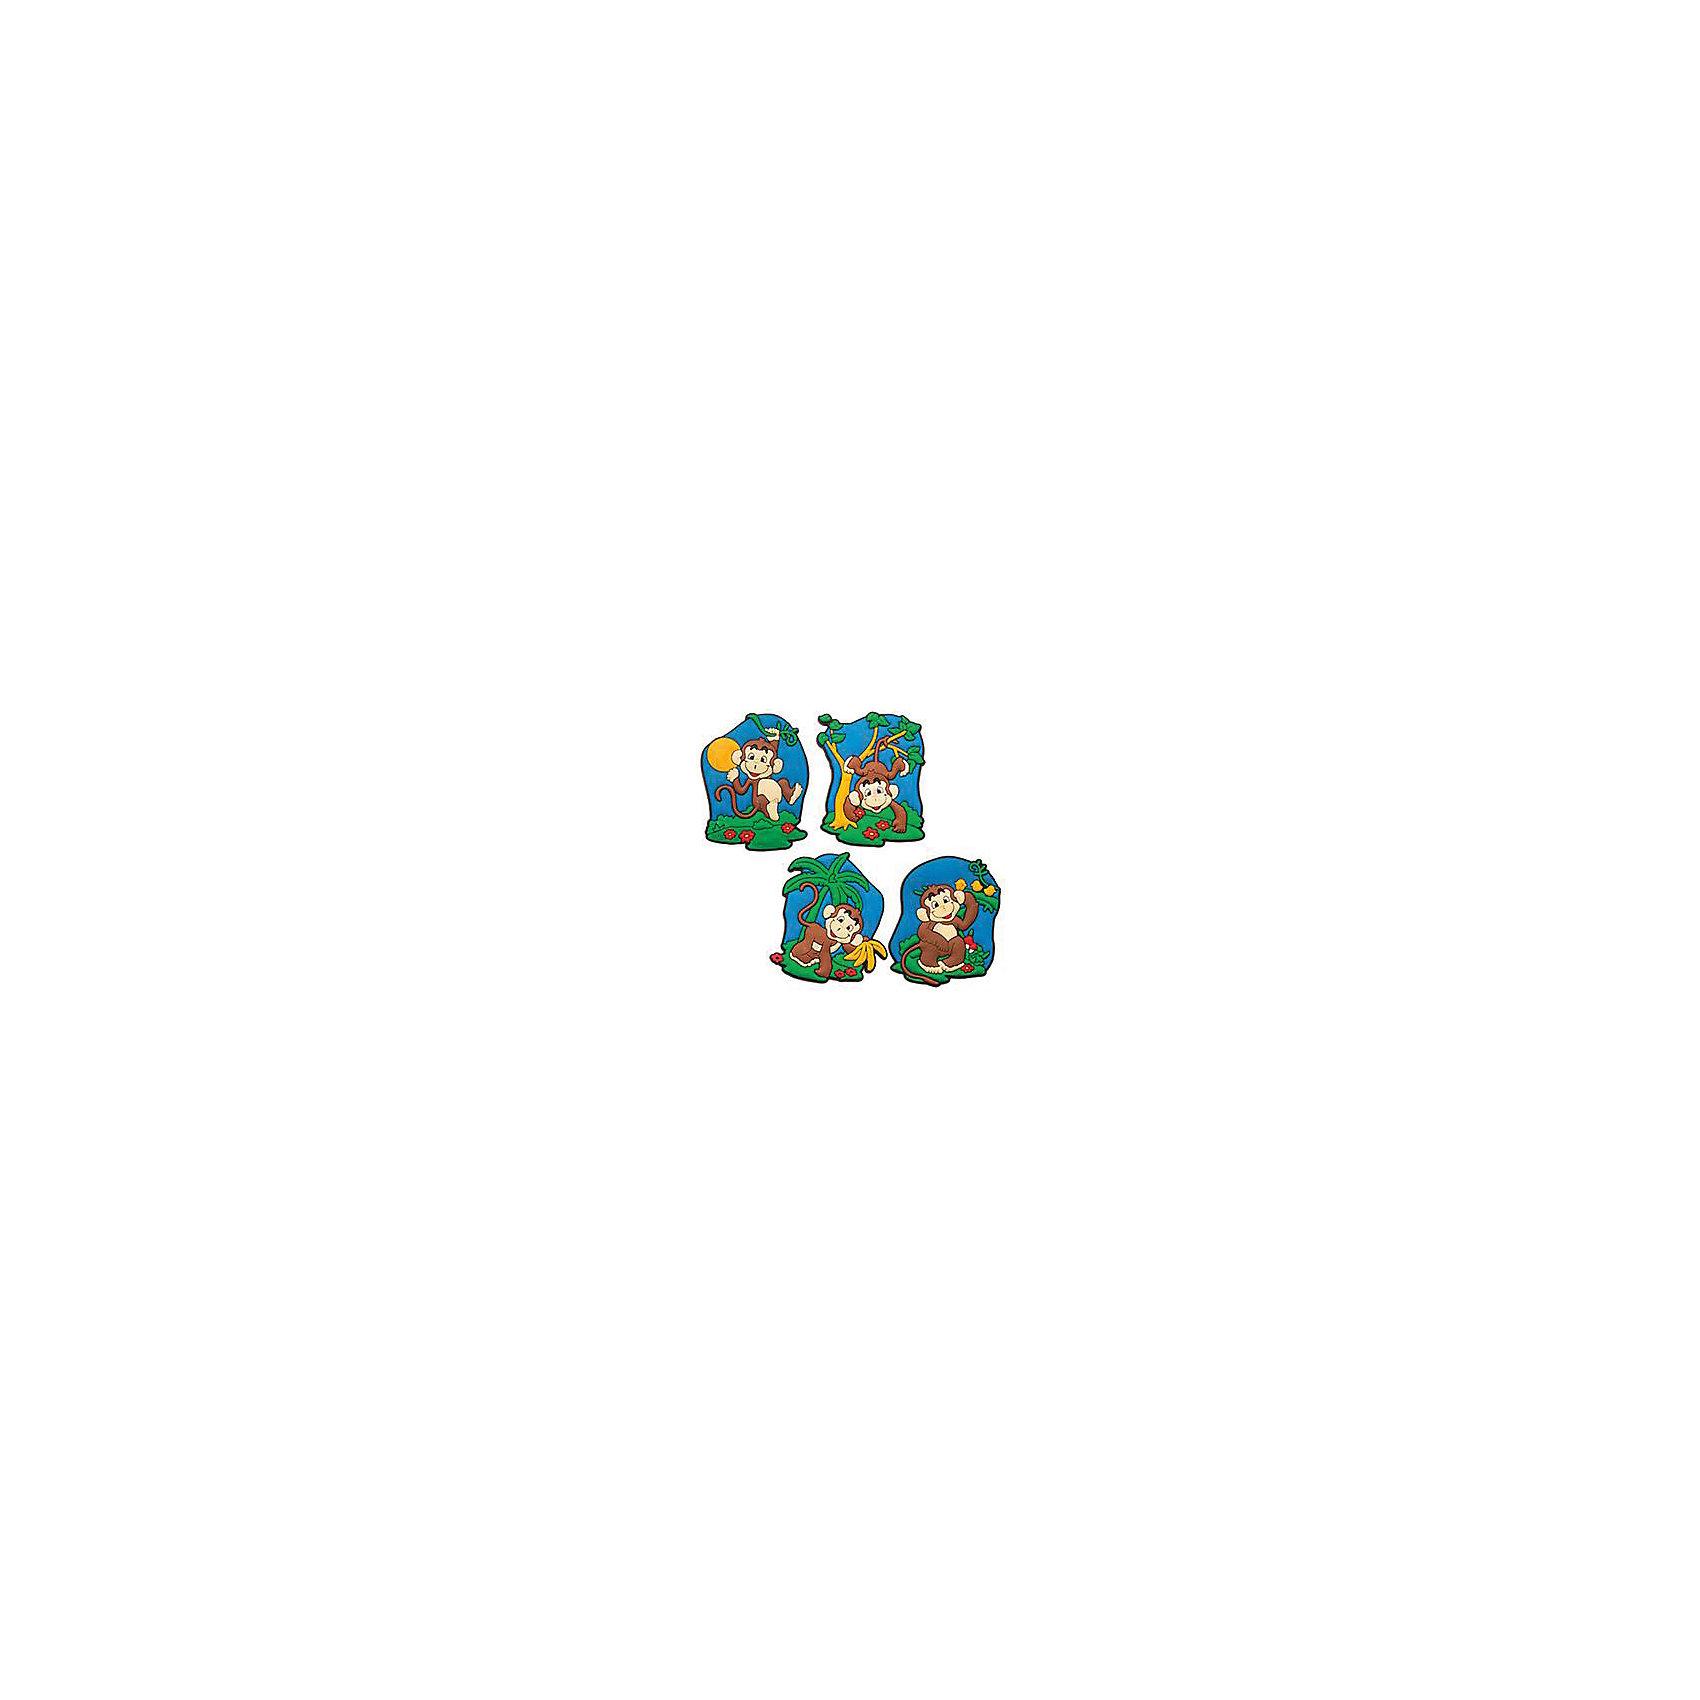 Магнит Веселая обезьянкаВсё для праздника<br>Магнит Веселая обезьянка – это замечательный и актуальный новогодний подарок для всех!<br>Магнит Веселая обезьянка воплощает символ 2016 года, станет отличным презентом коллеге и другу, а также прекрасным украшением любой плоской металлической поверхности в доме. Магнит с изображением озорной, очаровательно улыбающейся обезьянки принесет удачу и поднимет настроение.<br><br>Дополнительная информация:<br><br>- В ассортименте 4 вида<br>- Размер: 6 см.<br>- Материал: поливинилхлорид<br>- ВНИМАНИЕ! Данный артикул представлен в разных вариантах исполнения. К сожалению, заранее выбрать определенный вариант невозможно. При заказе нескольких магнитов возможно получение одинаковых<br><br>Магнит Веселая обезьянка можно купить в нашем интернет-магазине.<br><br>Ширина мм: 100<br>Глубина мм: 10<br>Высота мм: 100<br>Вес г: 130<br>Возраст от месяцев: 36<br>Возраст до месяцев: 2147483647<br>Пол: Унисекс<br>Возраст: Детский<br>SKU: 4418954